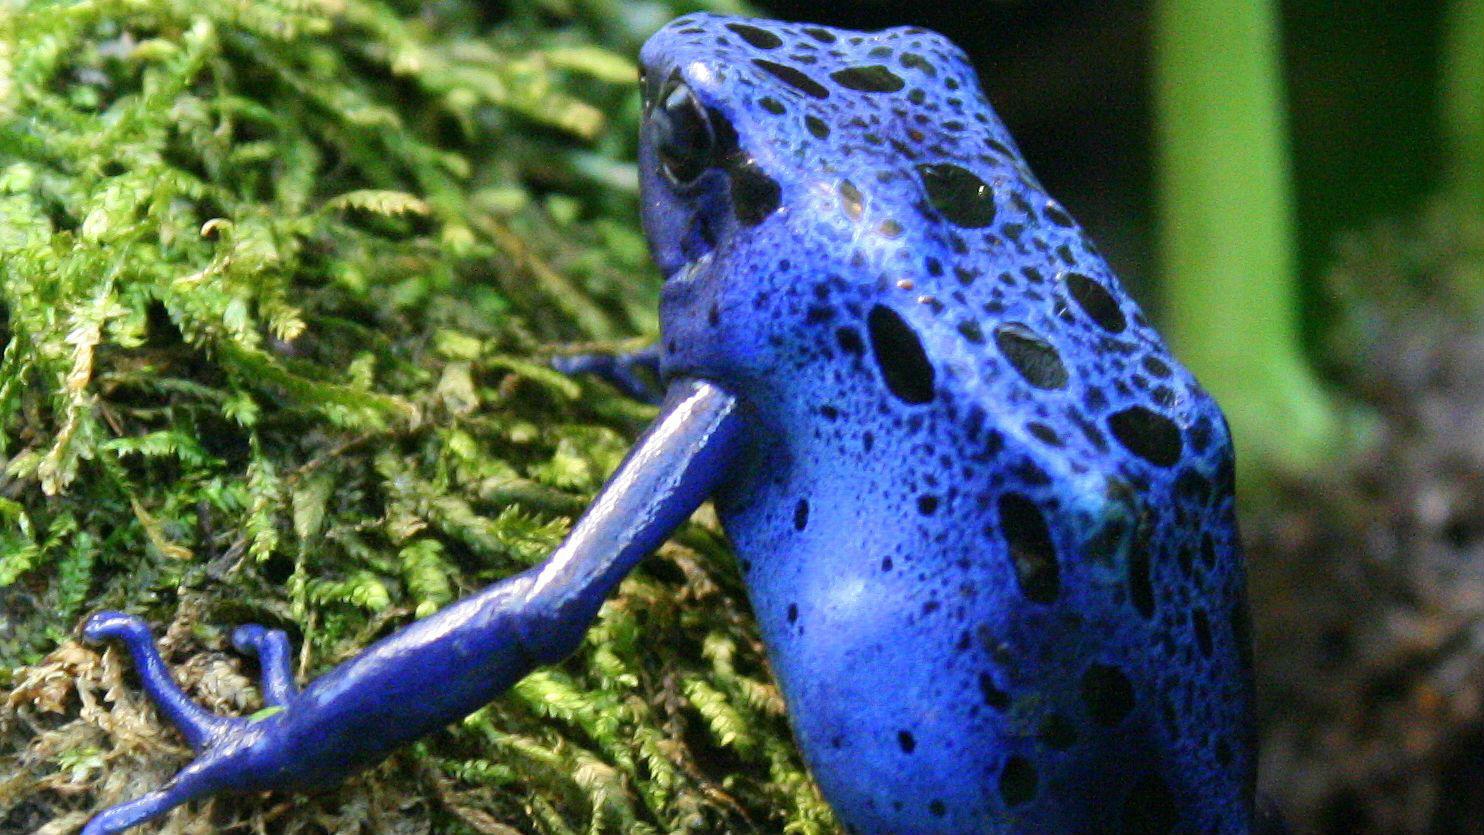 Лягушки пережили массовое вымирание 66 миллионов лет назад, после которого успешно освоили освободившиеся экологические ниши.